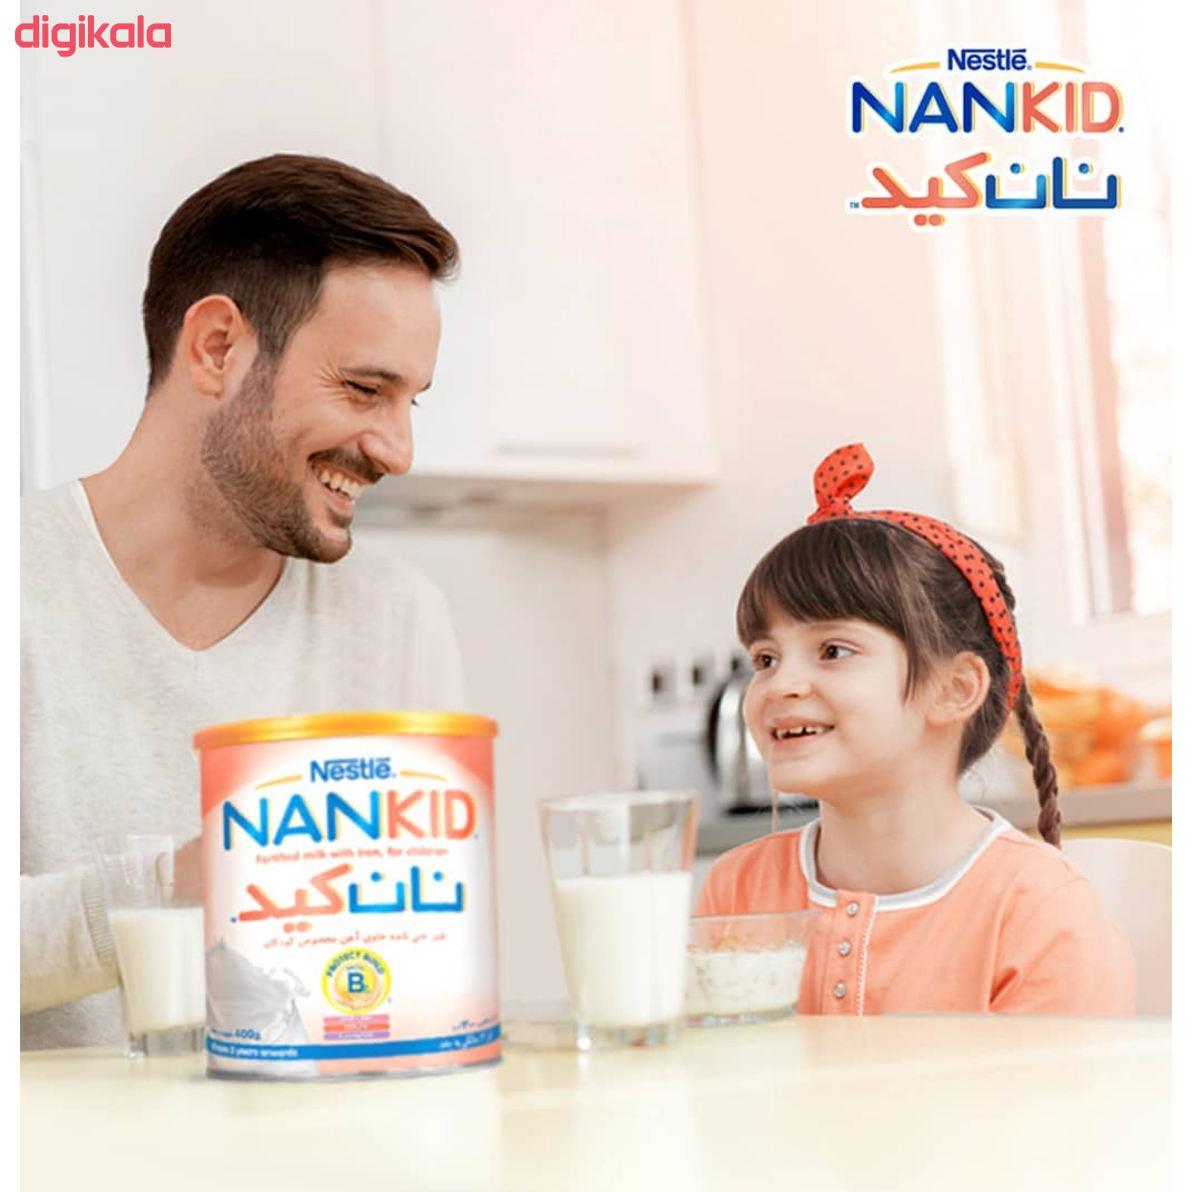 شیر غنی شده نستله سری نان کید - 400 گرم main 1 15